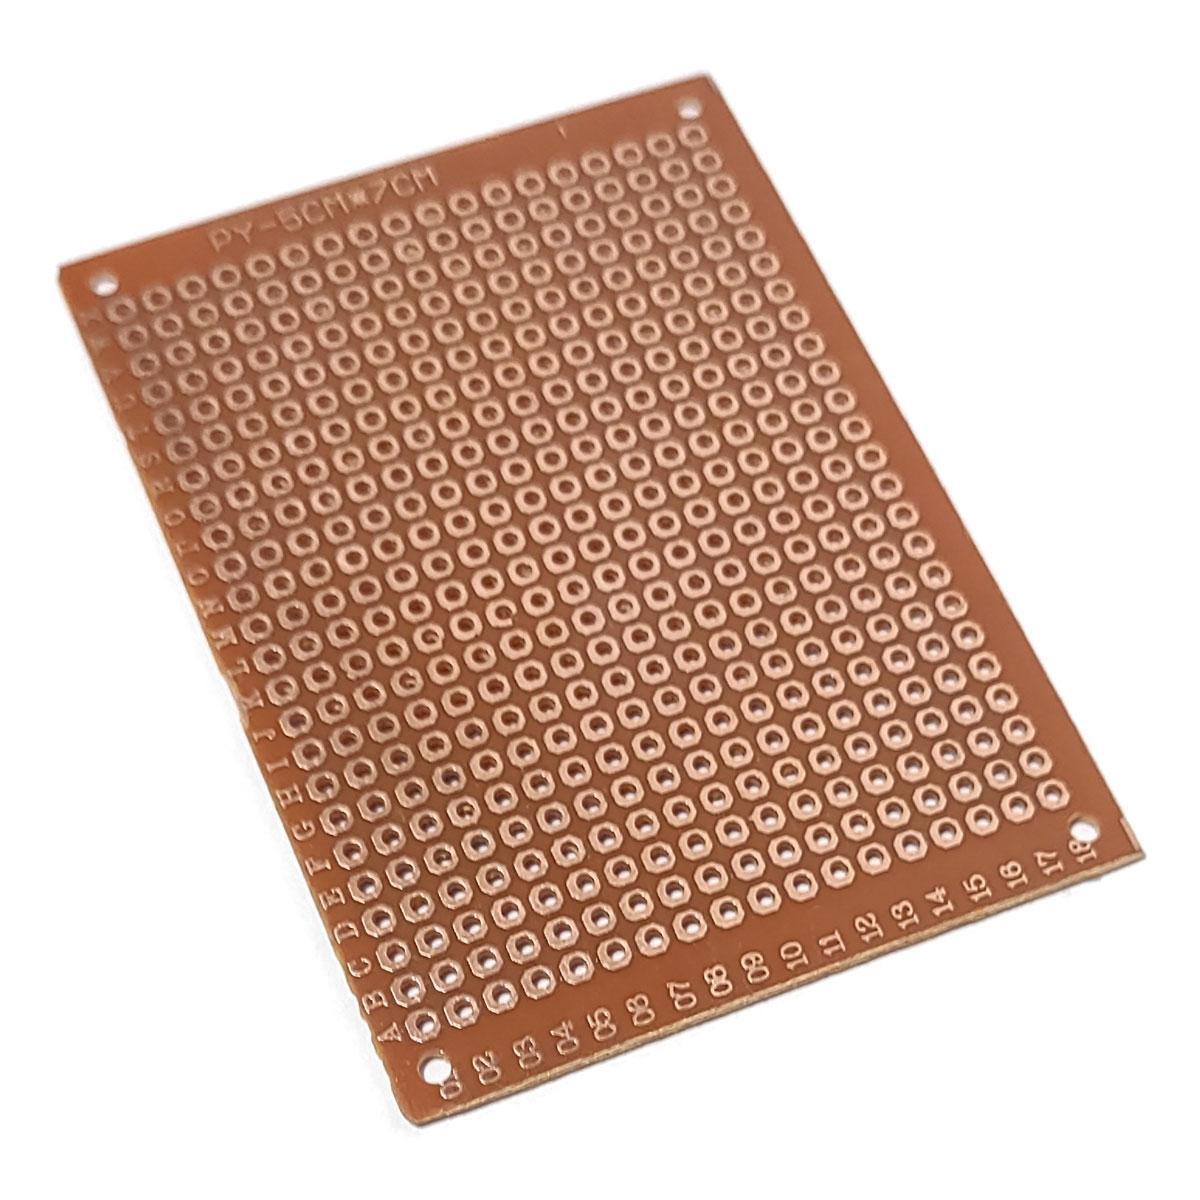 Placa de Fenolite Ilhada Perfurada 7x5 cm Circuito Impresso